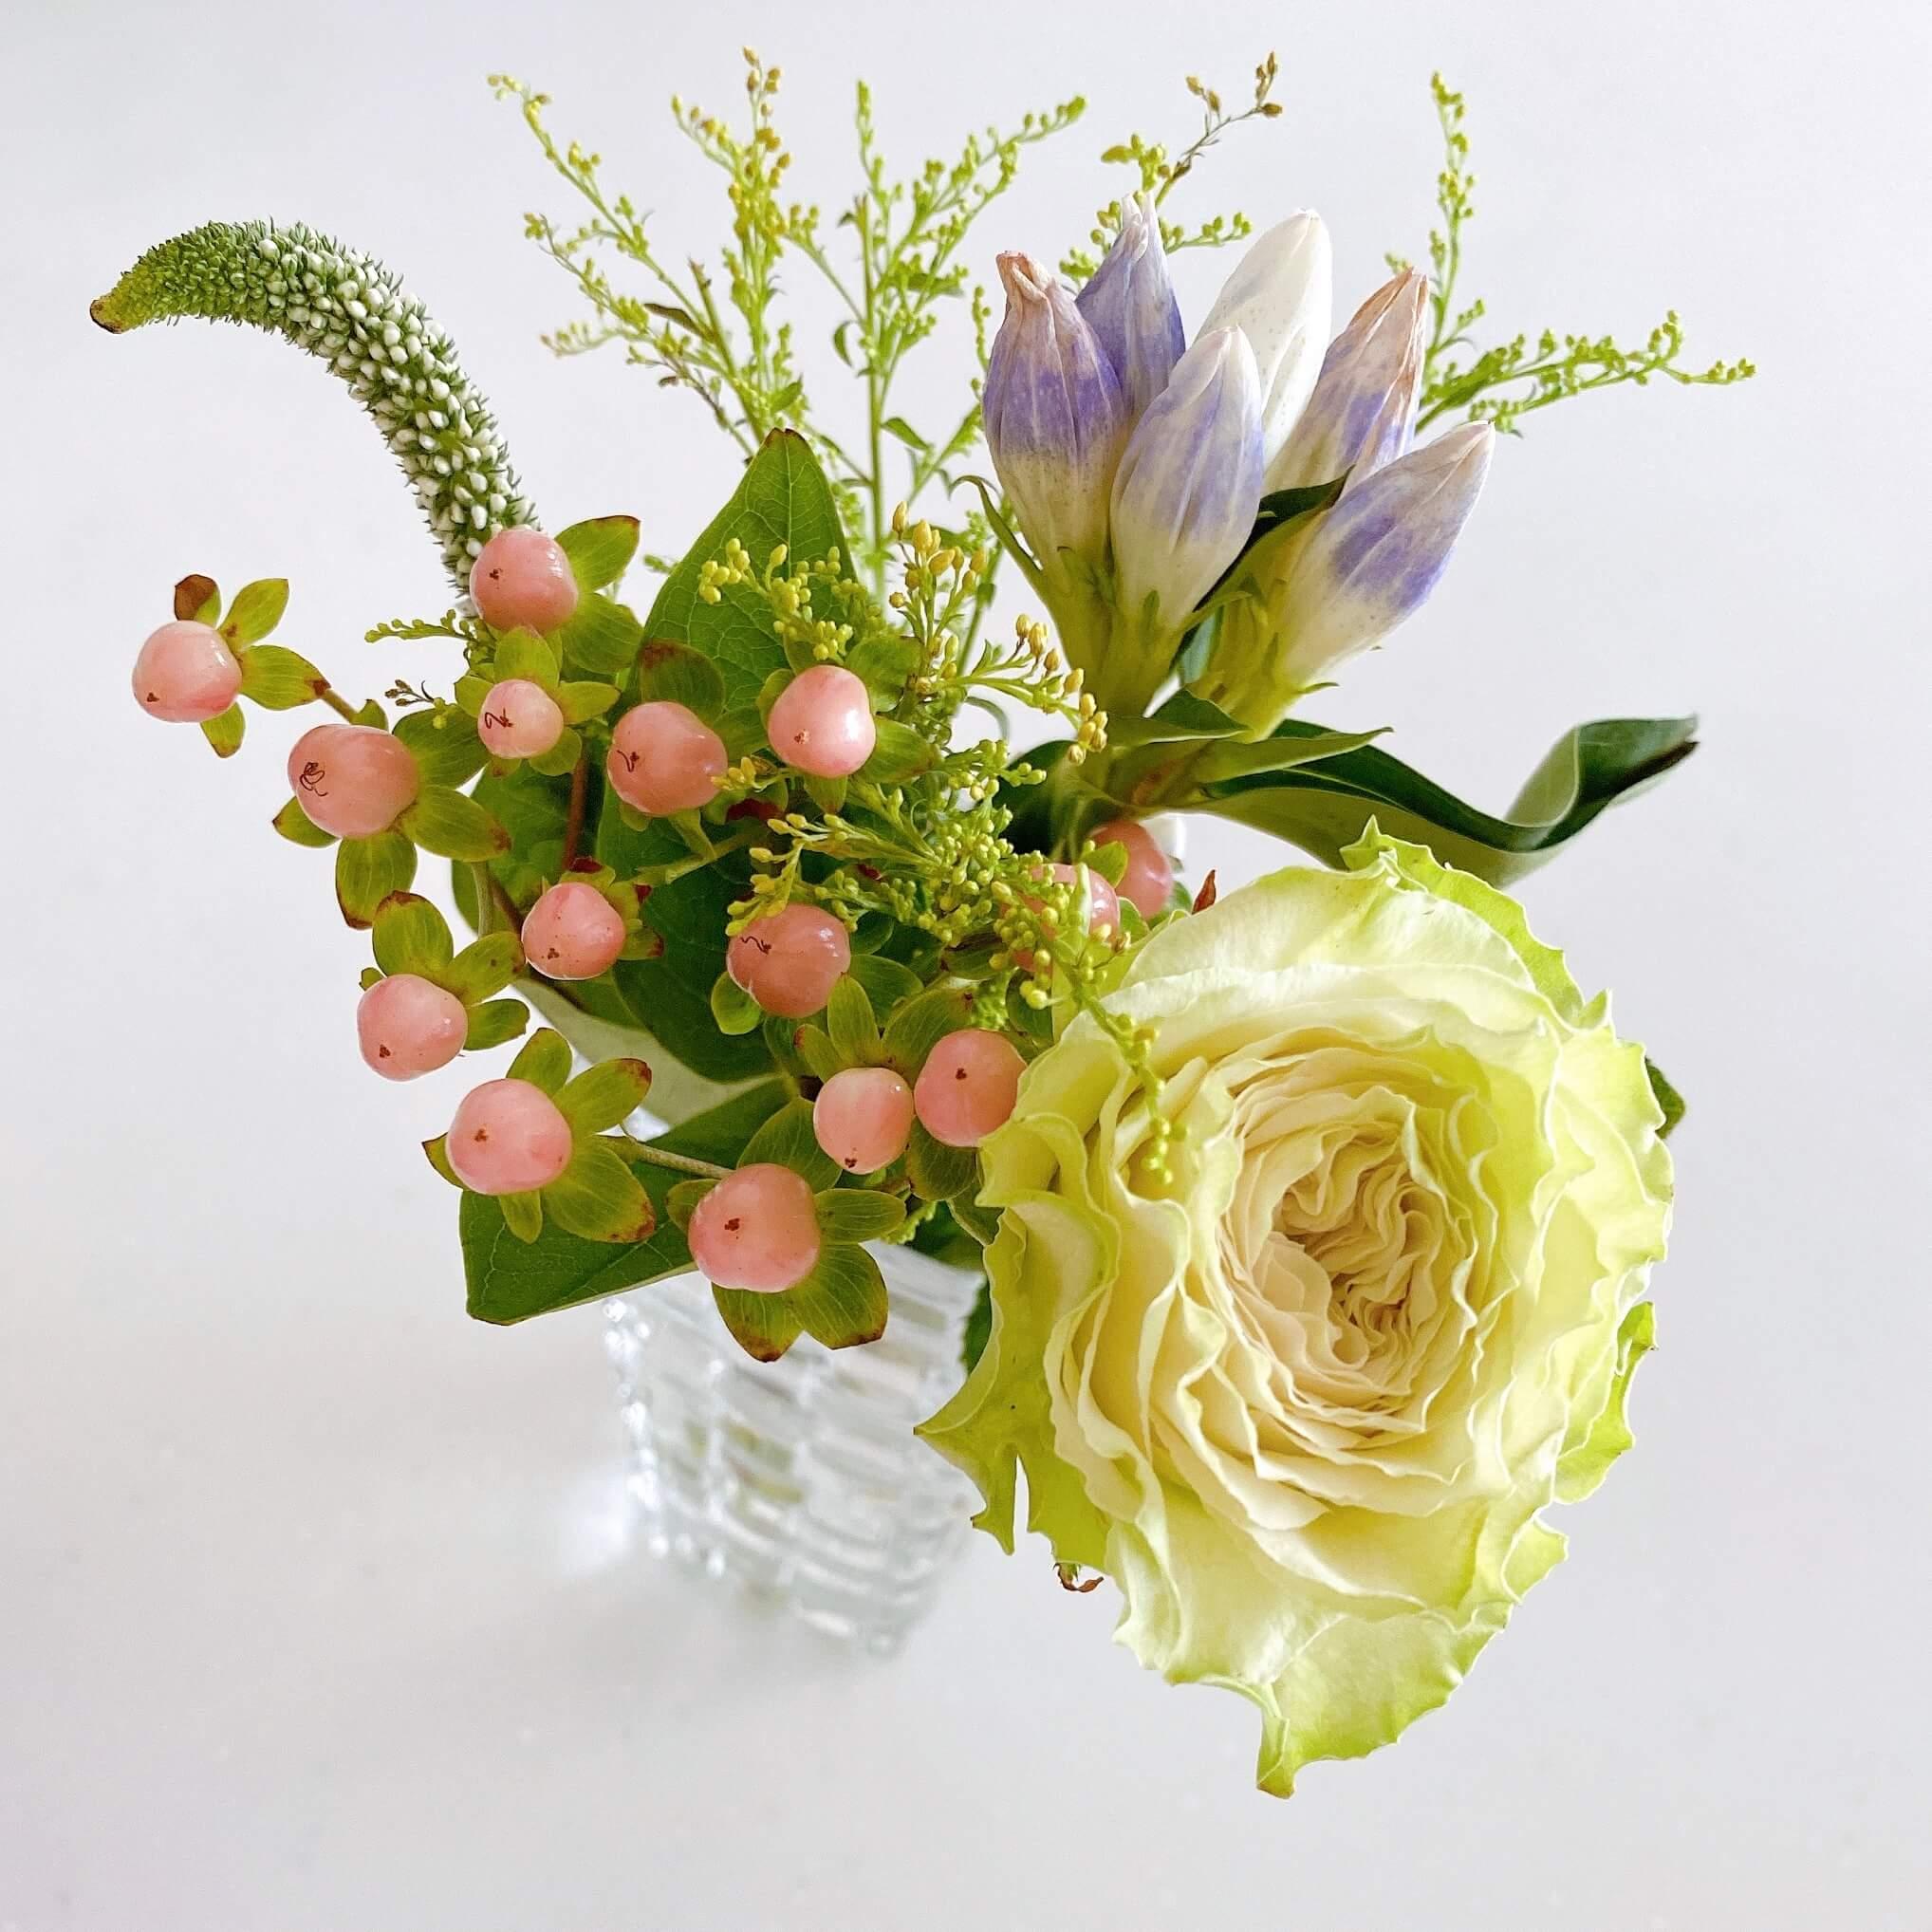 ブルーミーレギュラープランで届いたお花を花瓶に入れて飾った様子